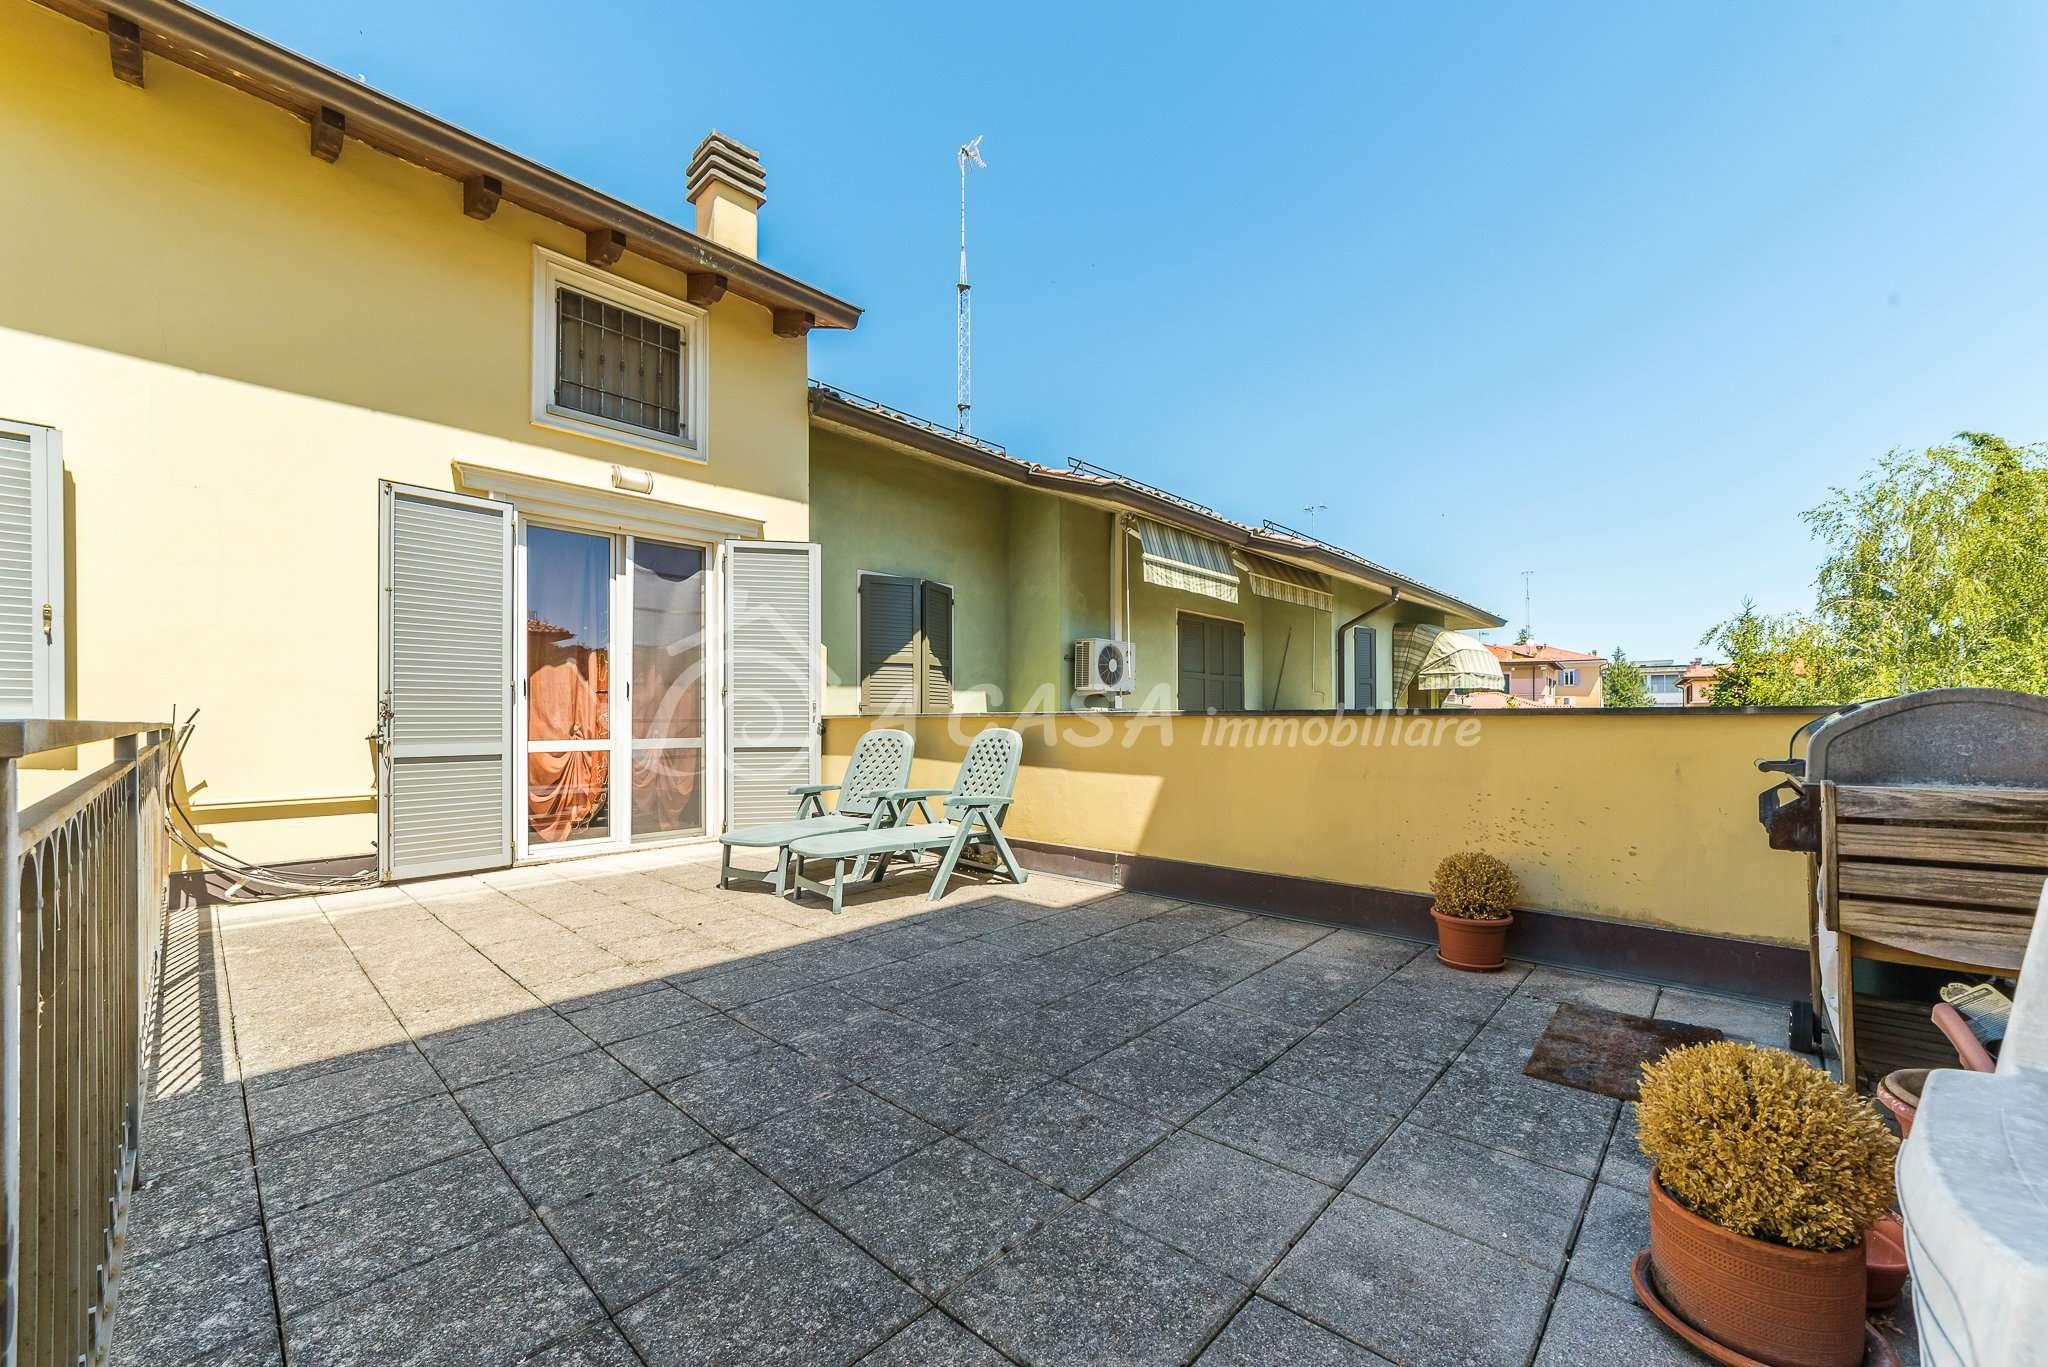 Appartamento in vendita a Langhirano, 4 locali, prezzo € 155.000 | PortaleAgenzieImmobiliari.it